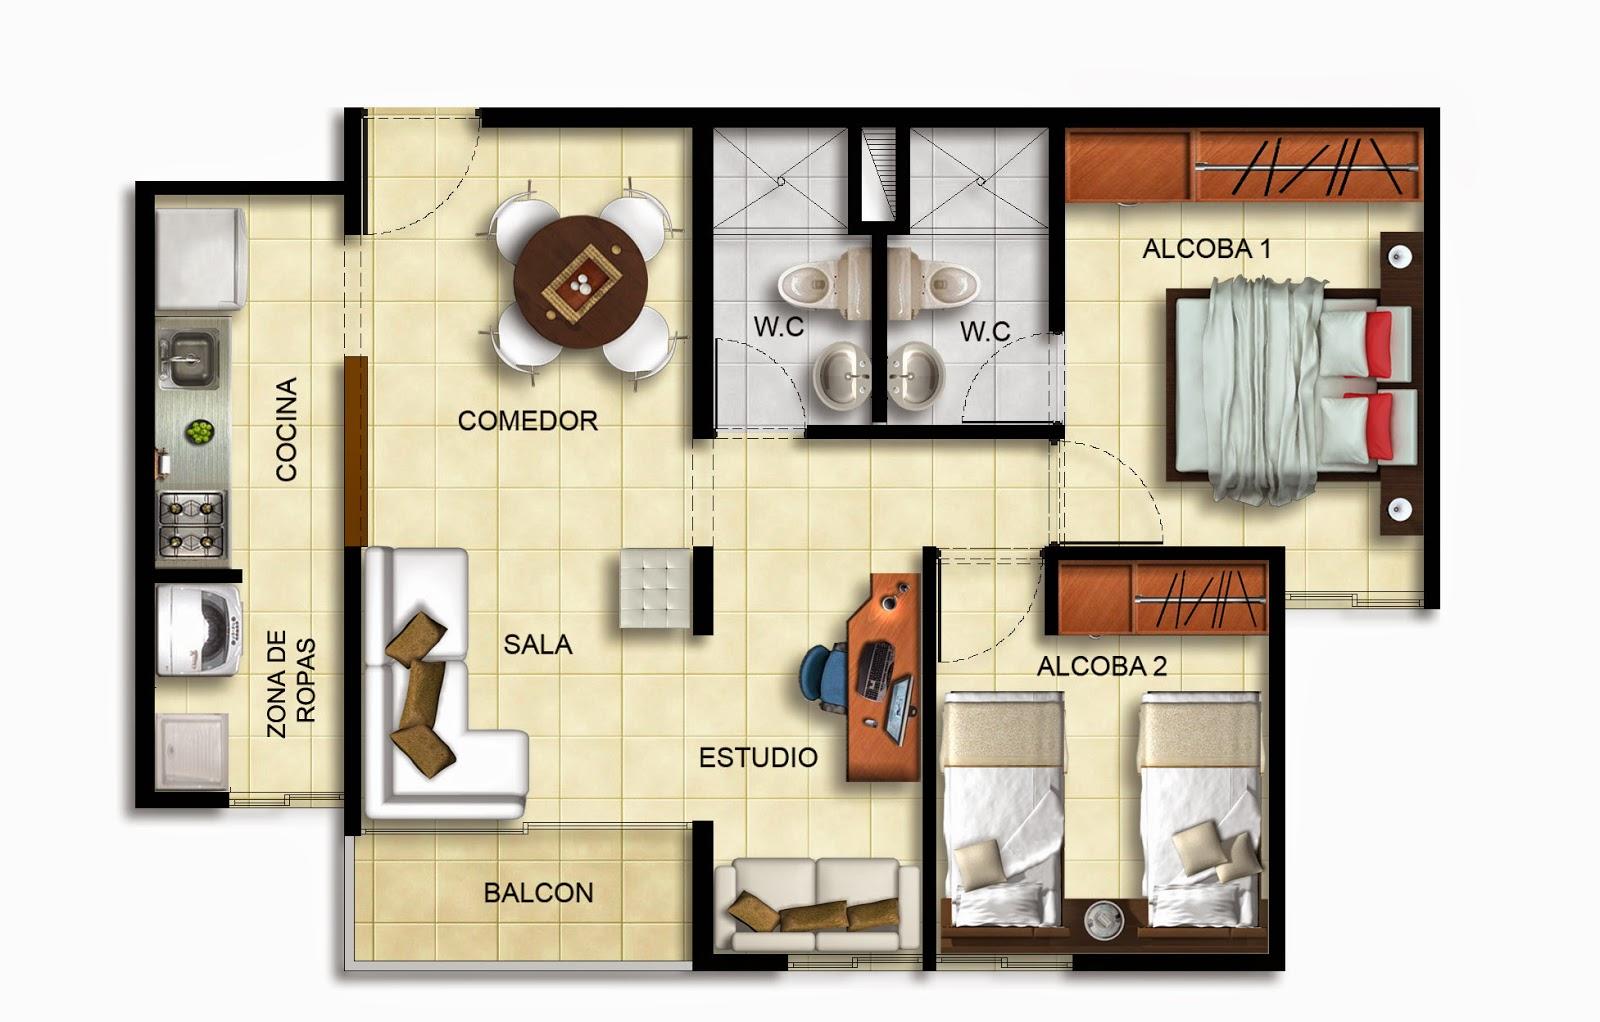 Ilustracion y representaci n de proyectos planta for Tipos de planos arquitectonicos pdf